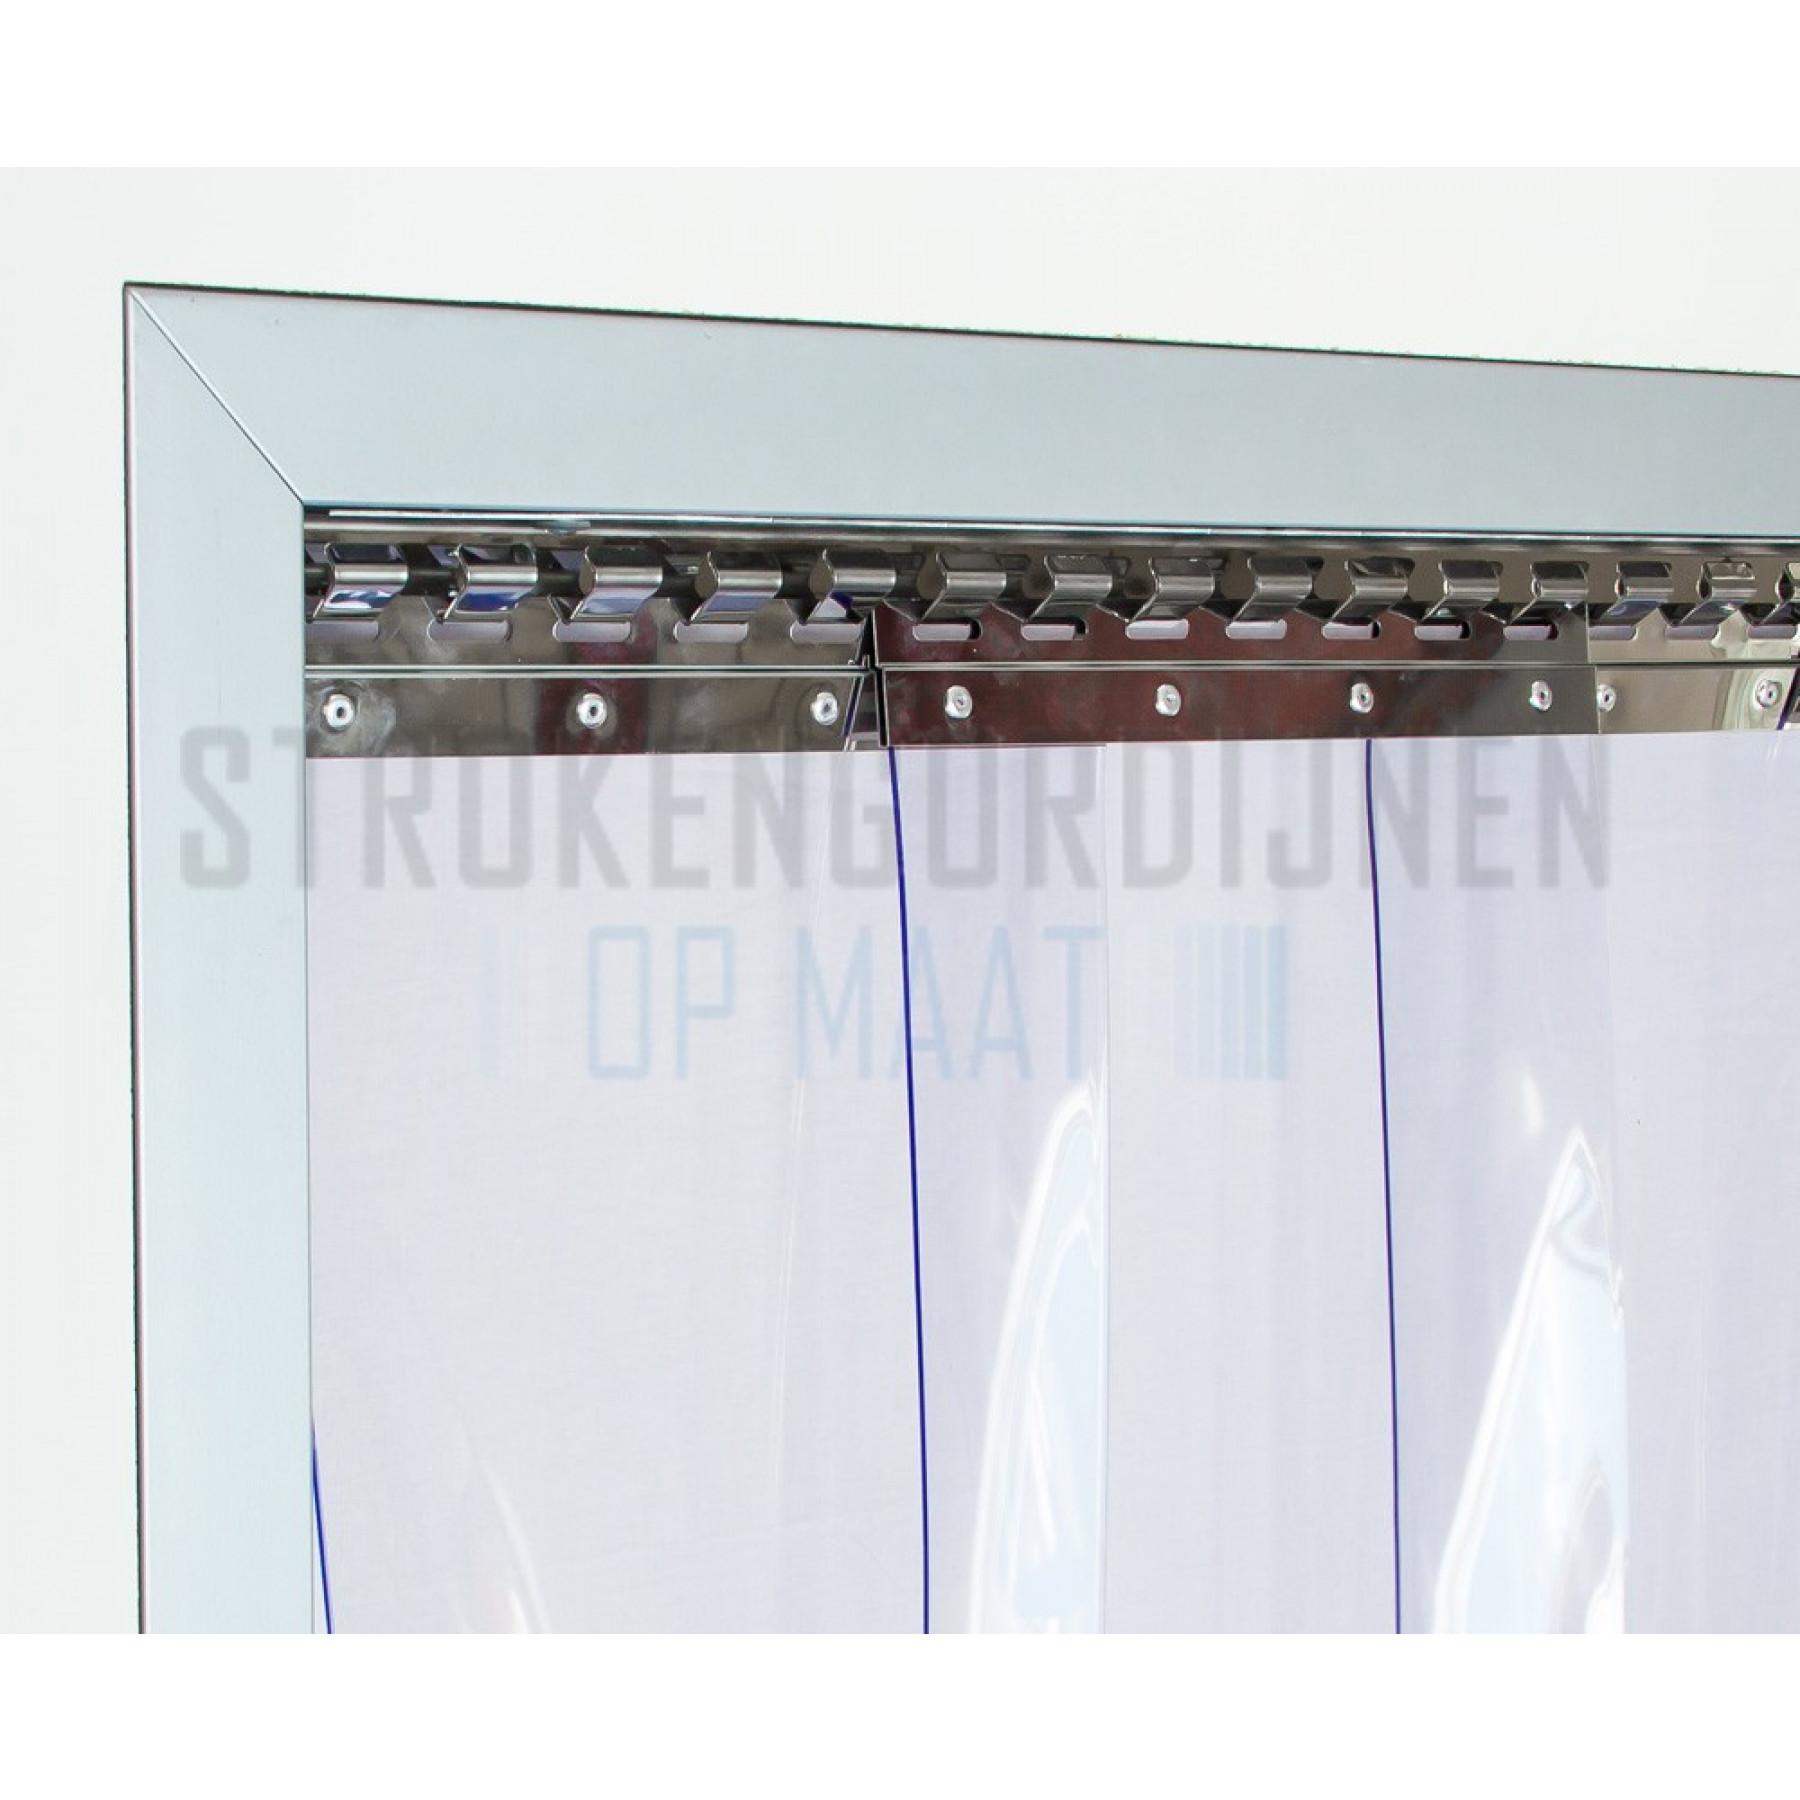 Aufhängesystem, Rostfrei-Stahl, 1968 mm lang